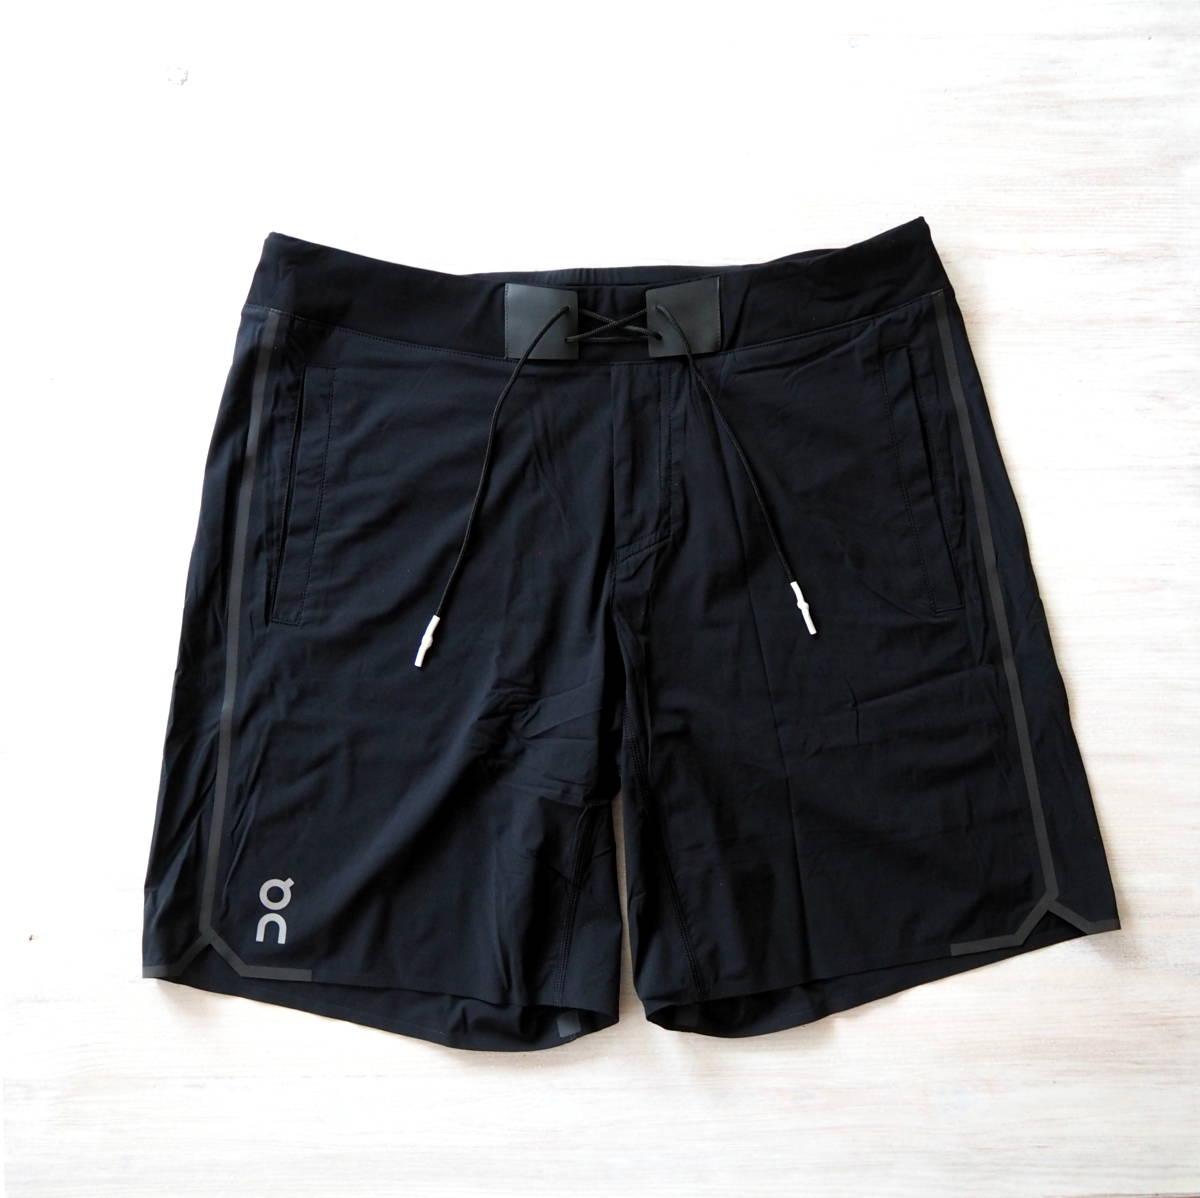 On Hybrid Laufshorts in schwarz mit vielen praktischen Taschen, Schnürung, breitem Bund und Innentight